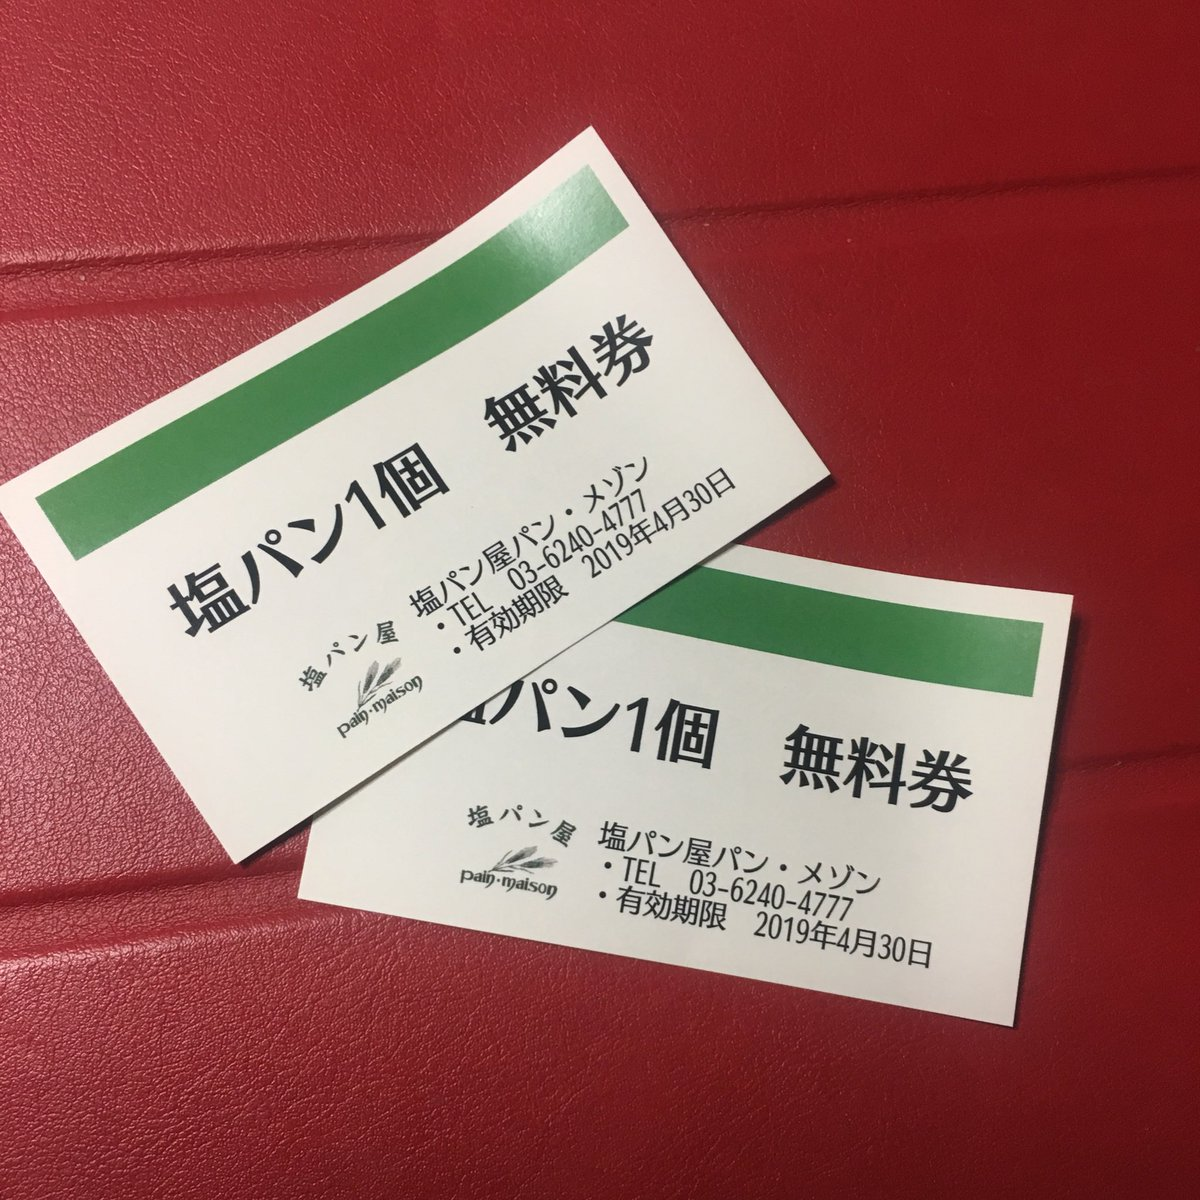 test ツイッターメディア - 吾妻橋の塩パン専門店、パン・メゾンさん。数ヶ月ぶりに行ってみたらサンドイッチが登場しとった!(以前は塩パンと塩メロンパンのみ) もちろんハムたまごを購入〜!東京進出1周年ということで、パン無料券も貰った☆また行かねば! https://t.co/Bo8j2oIXGI